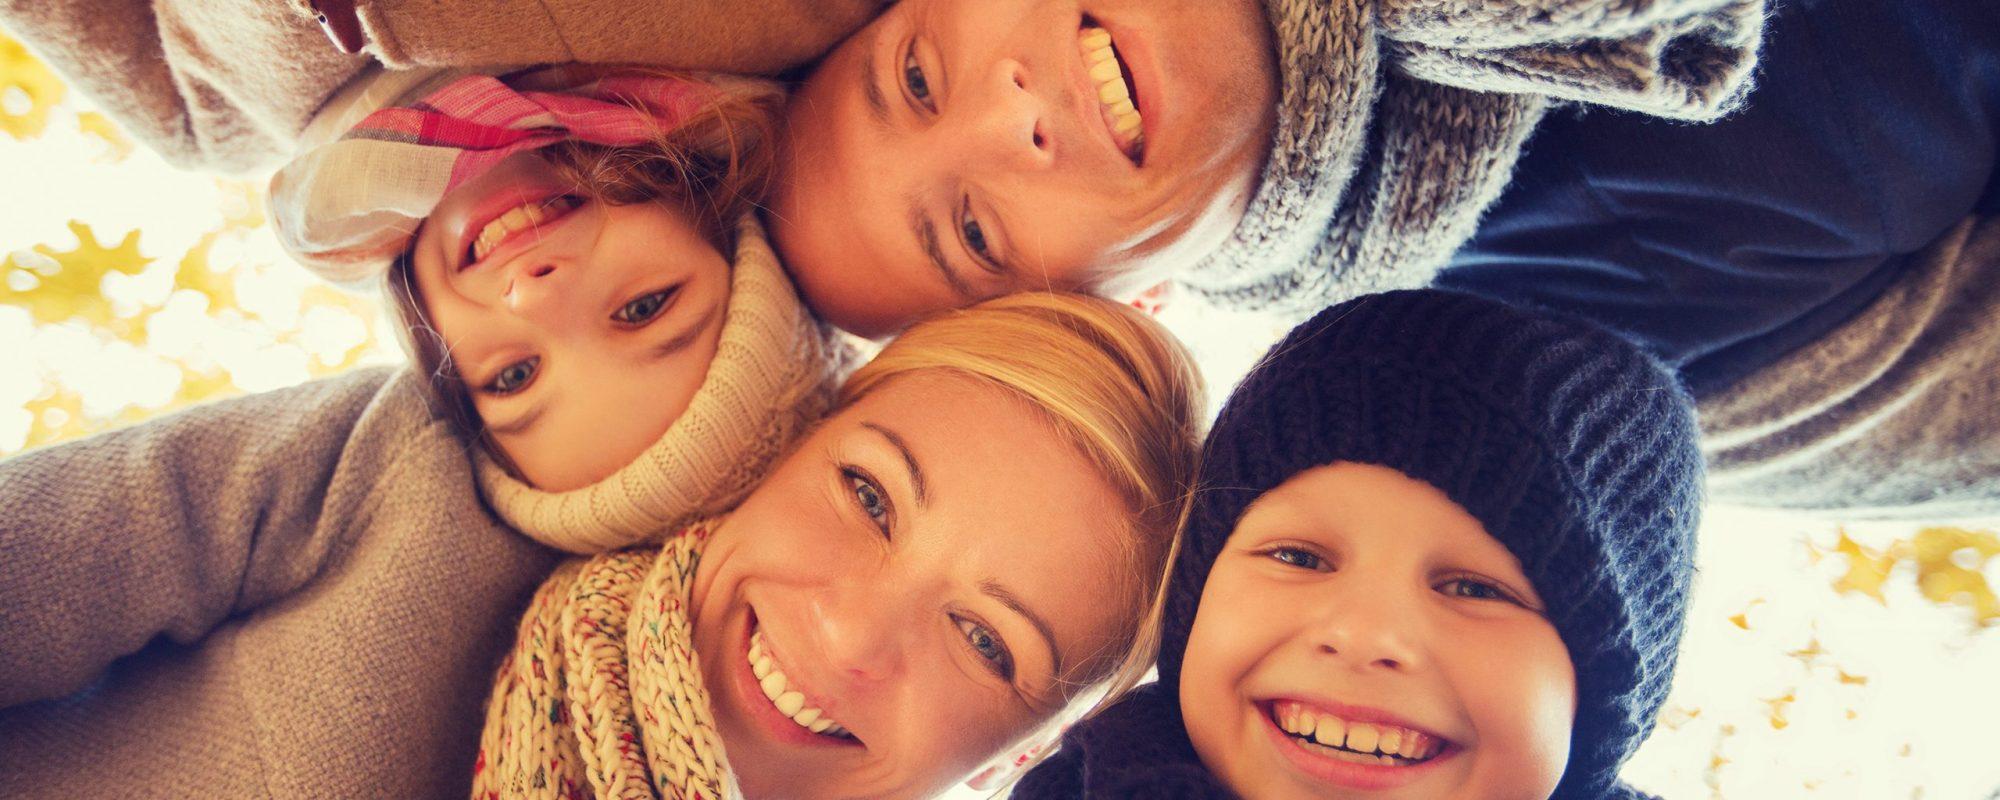 Vacances d'automne en famille à Samoëns